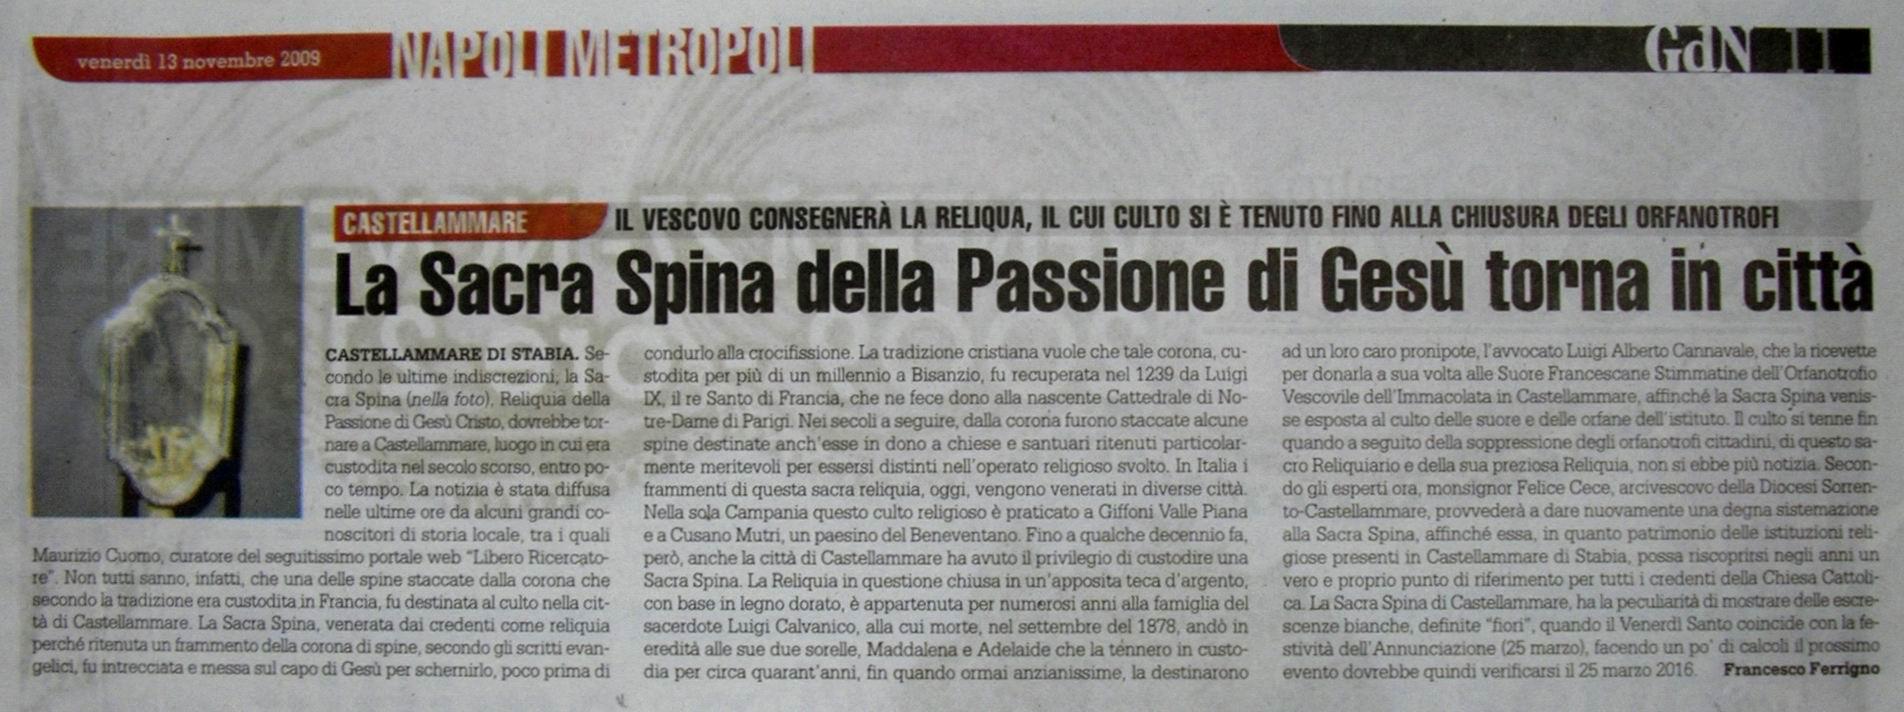 Il Giornale di Napoli – Francesco Ferrigno (13 novembre 2009)